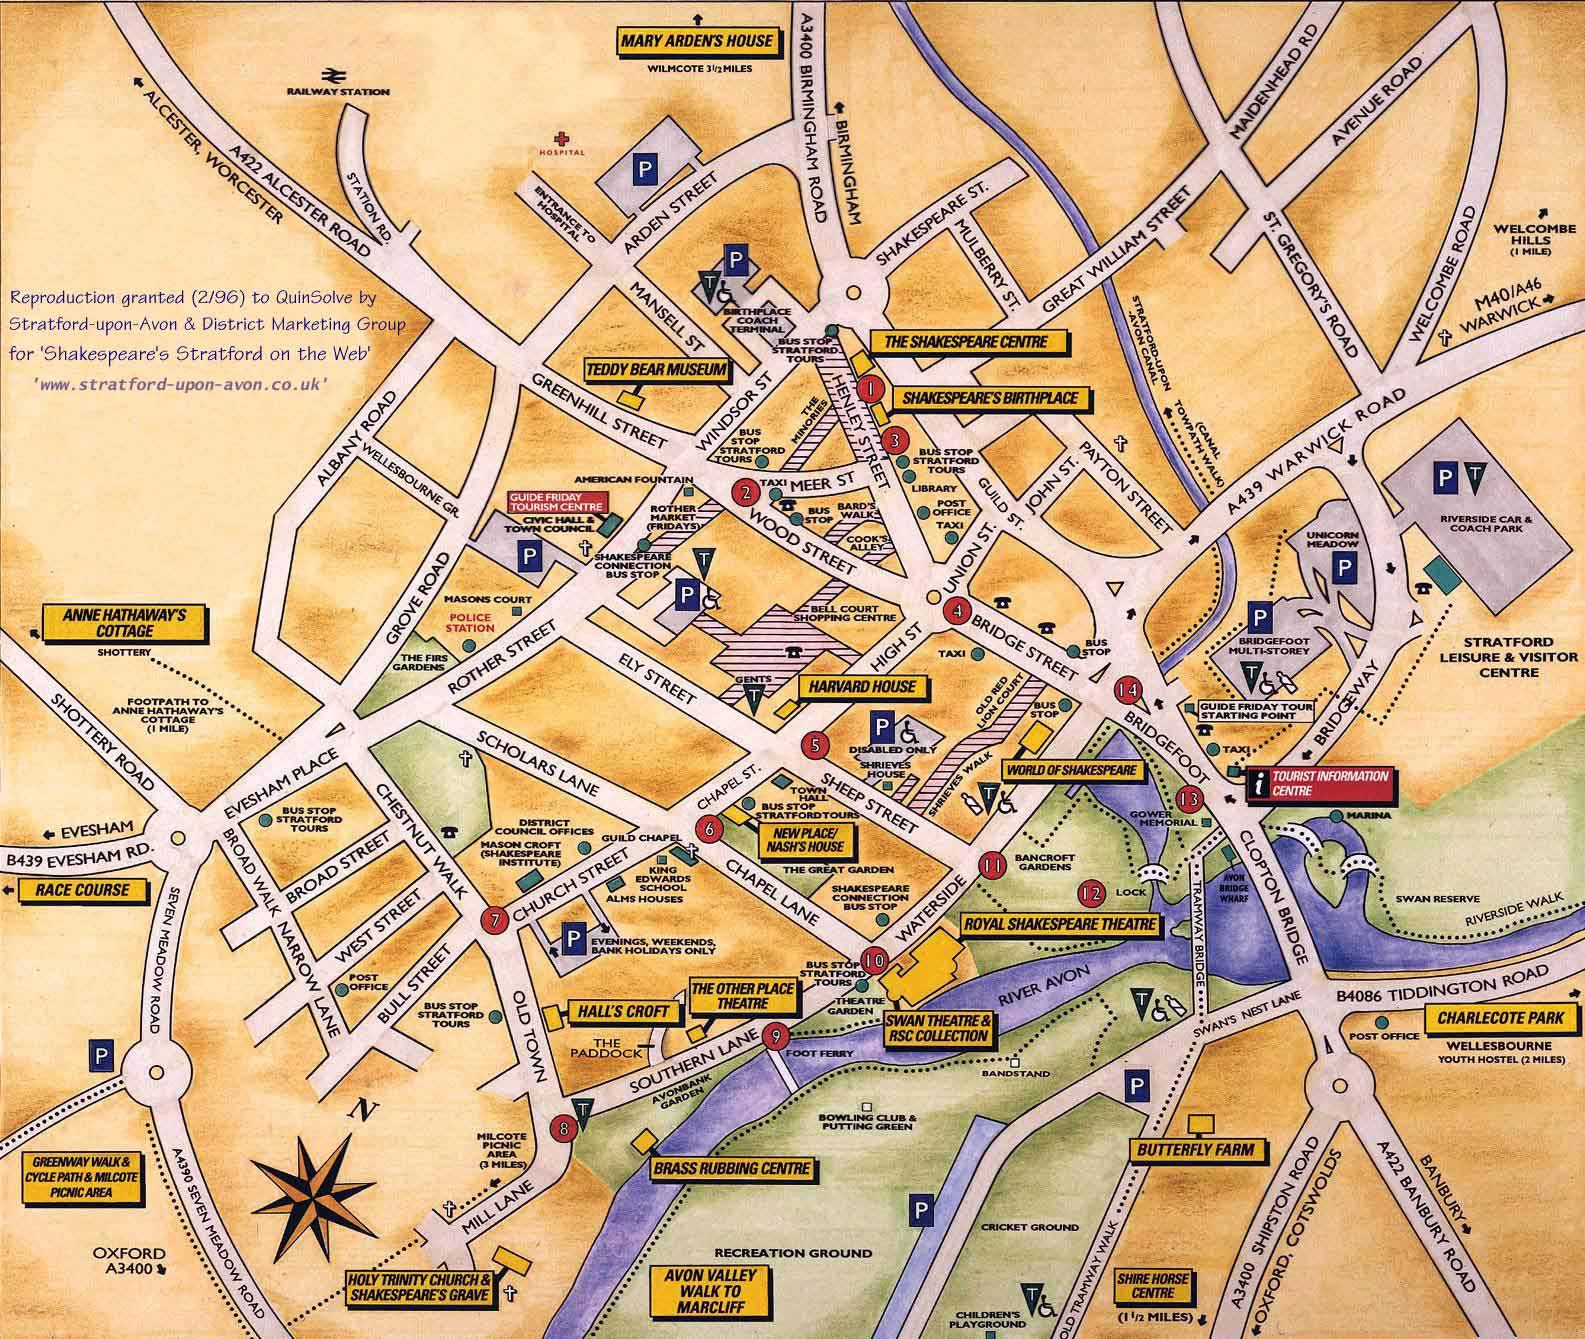 Harta Stratford-upon-Avon